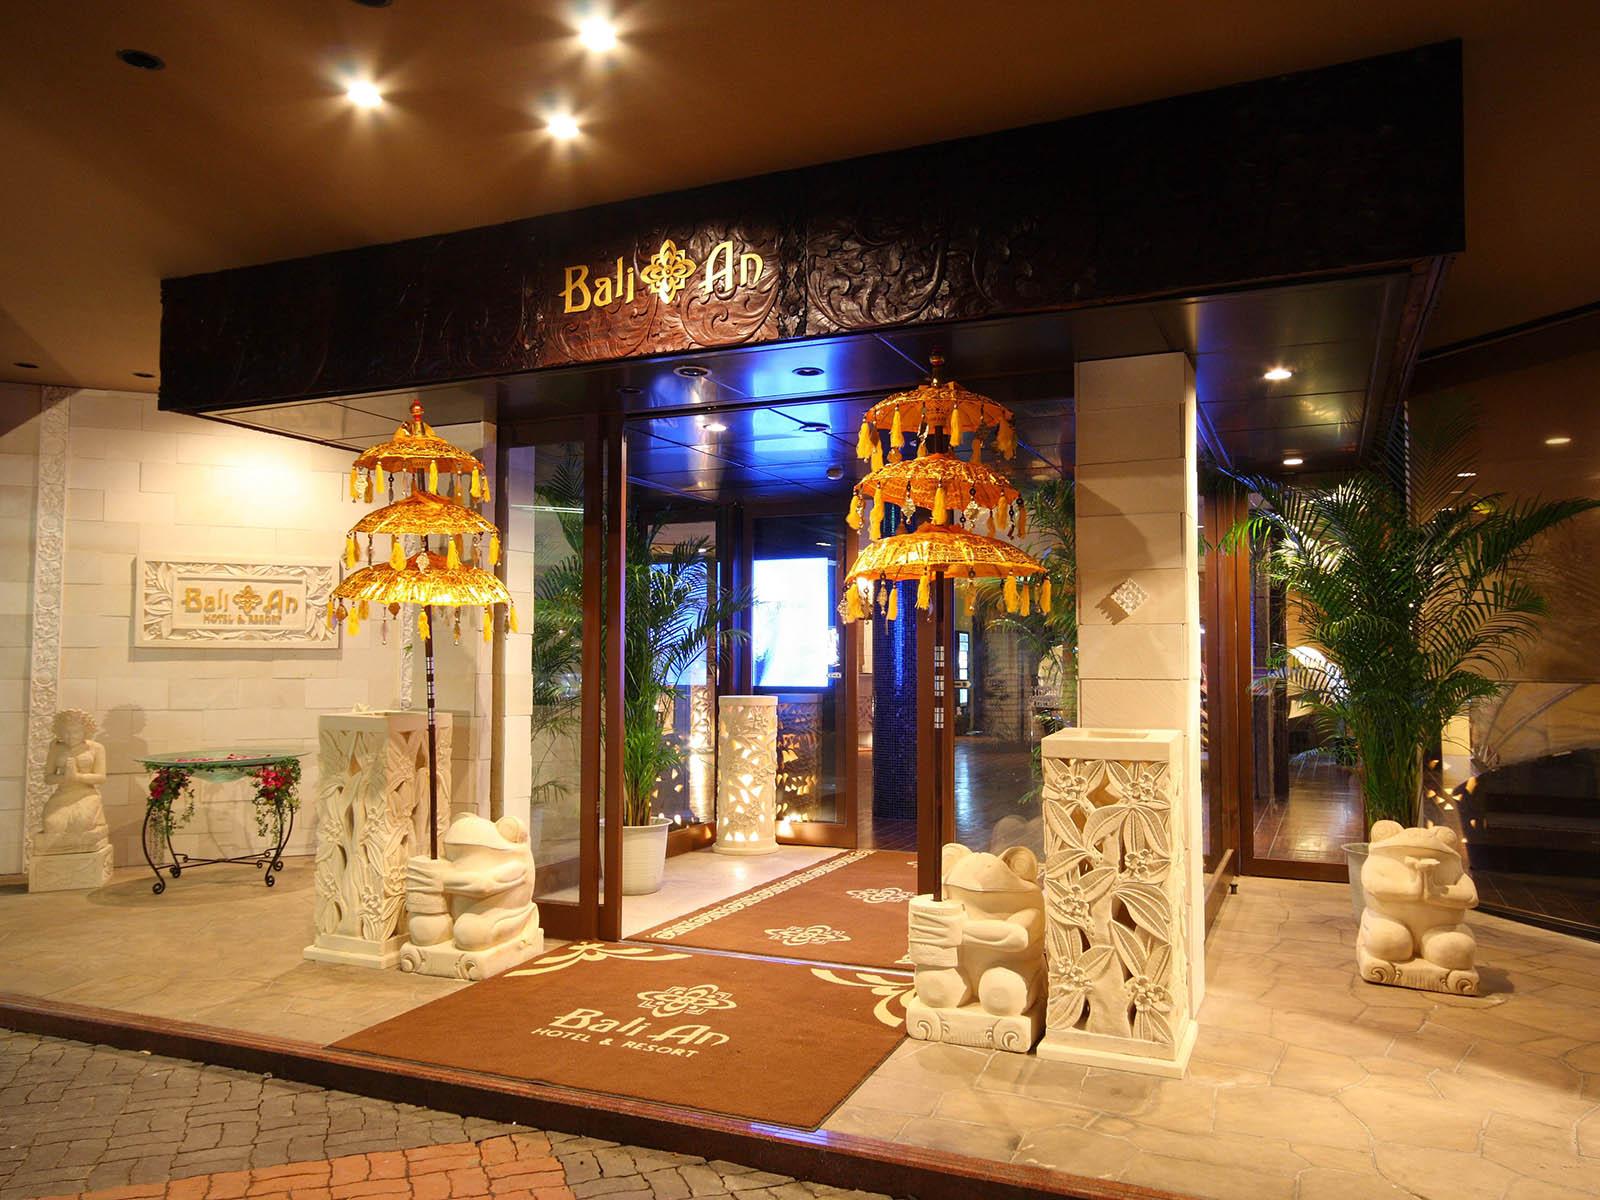 ホテルバリアンリゾート東名川崎I.C店